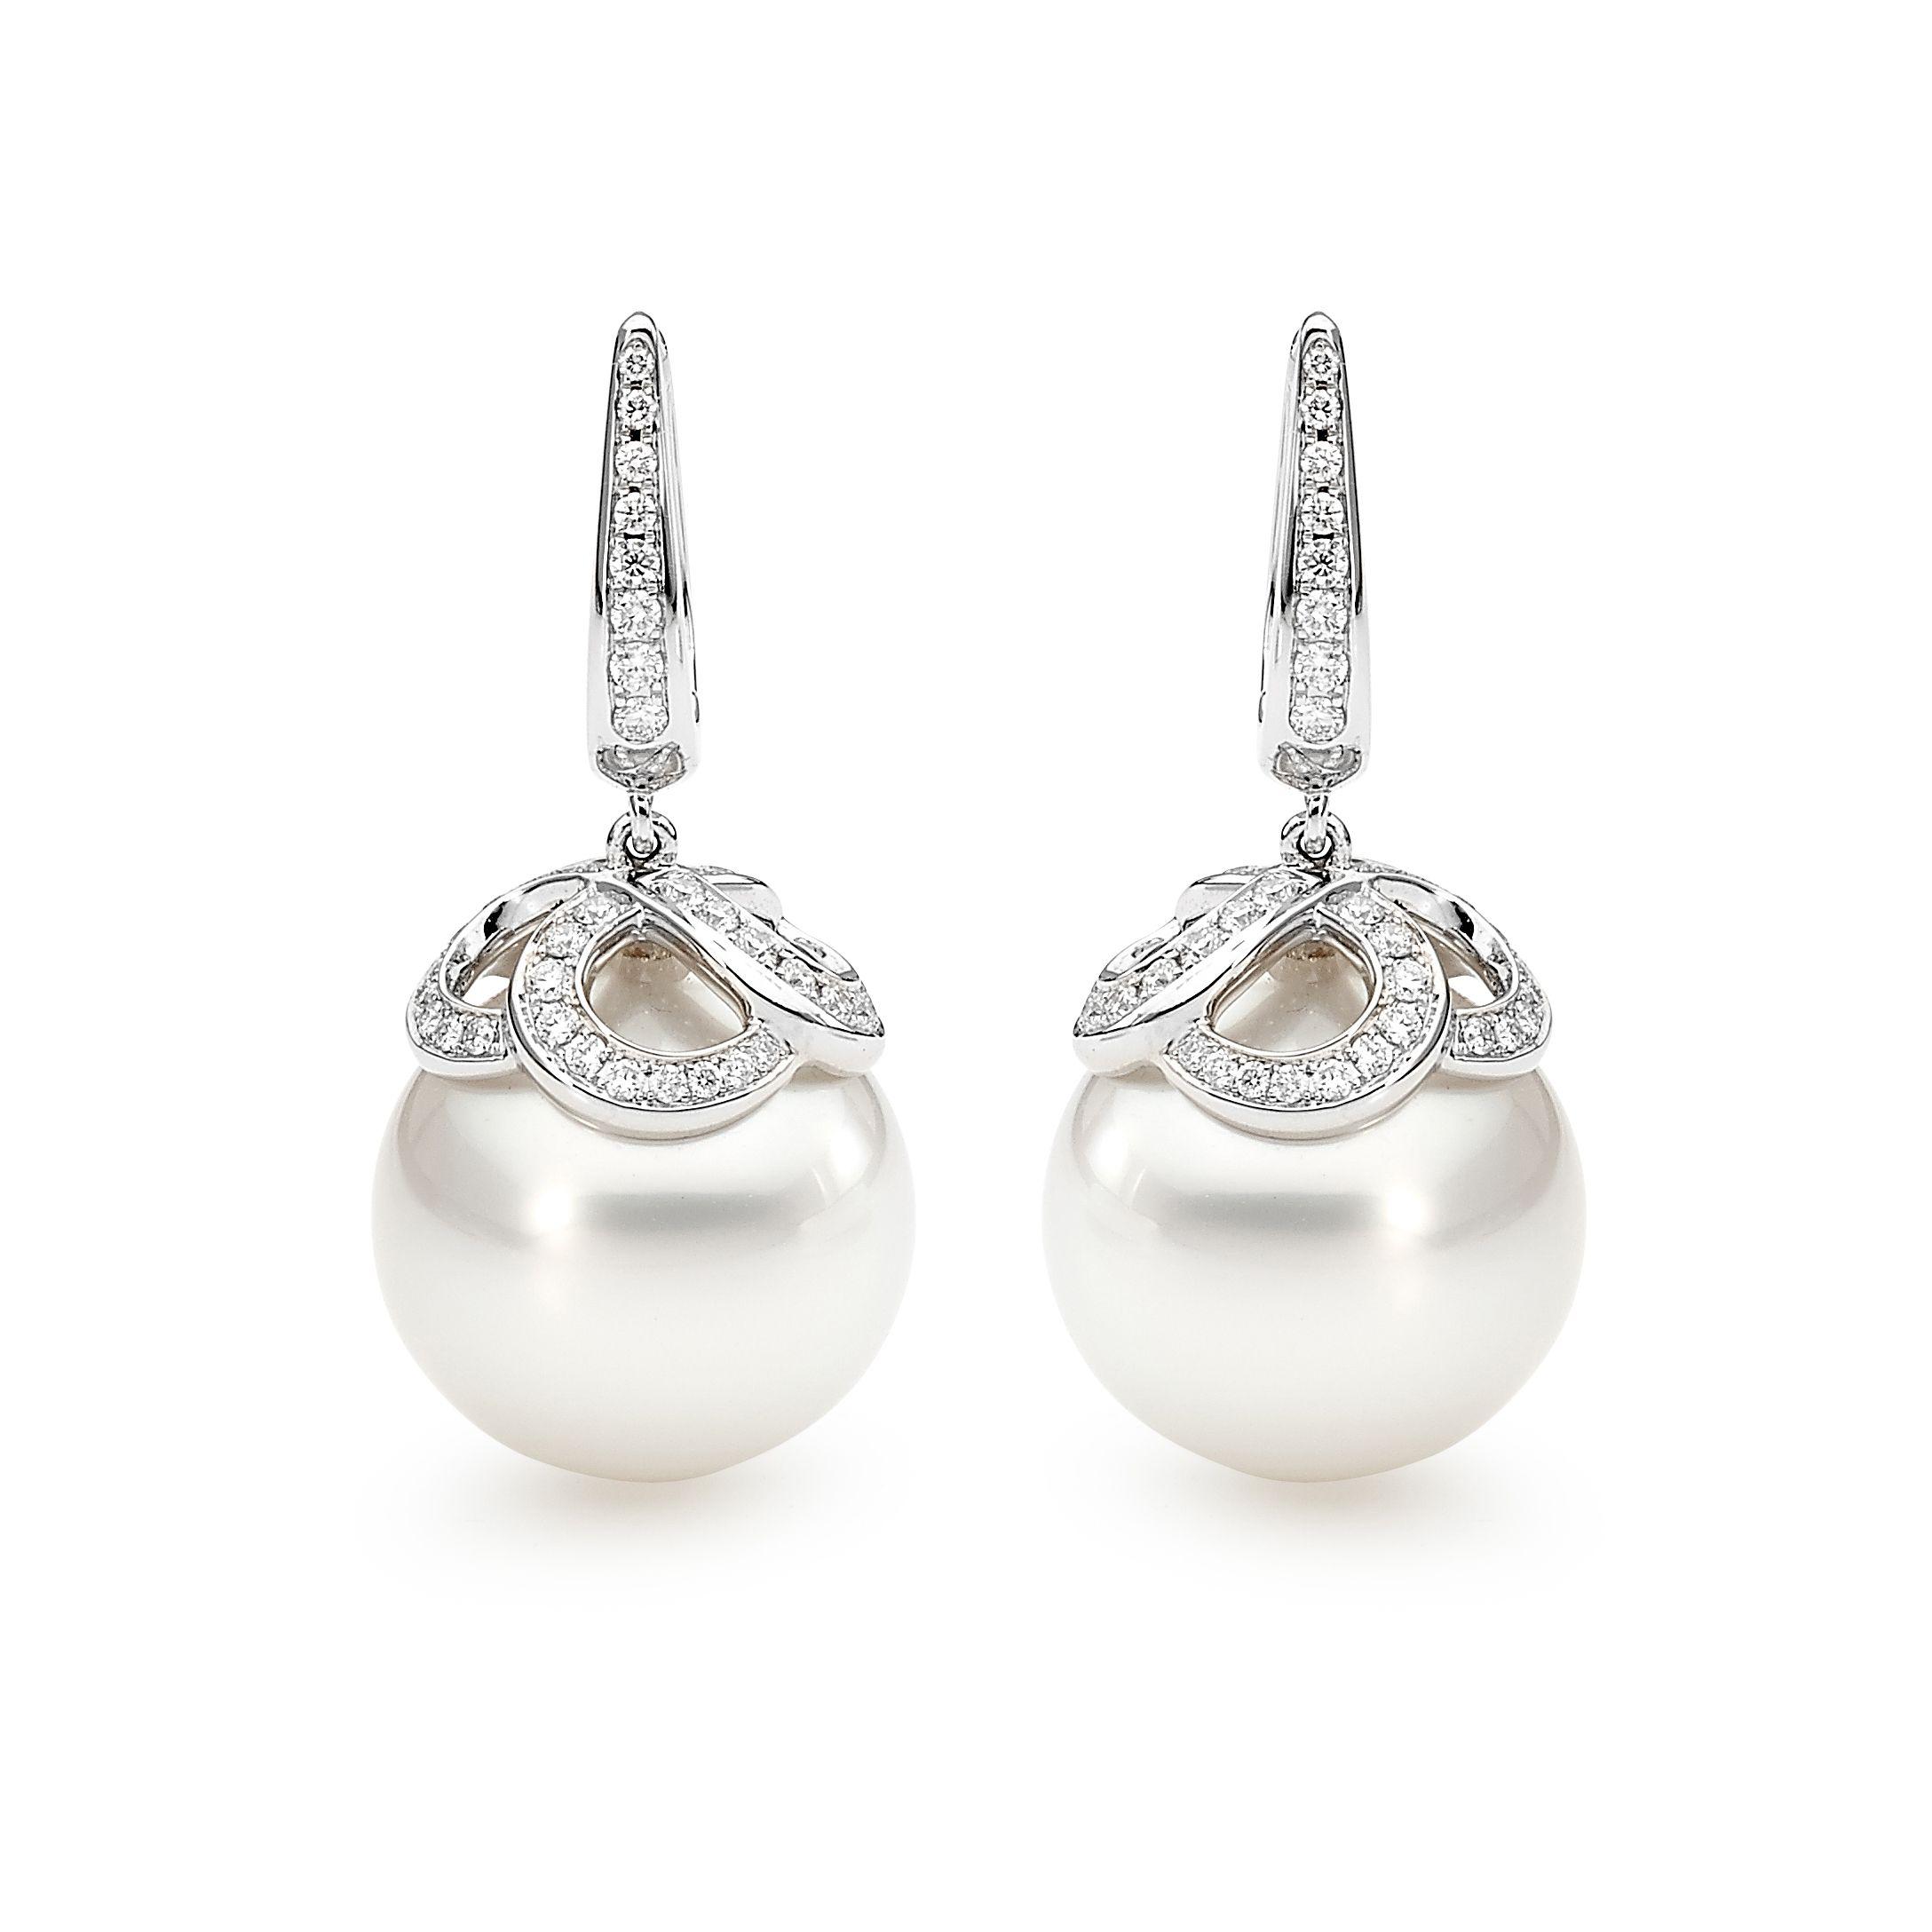 South Sea Pearl And Diamond European Hook Earrings Diamonds Diamondsinternational Diamondjewellery Southsea Pearls